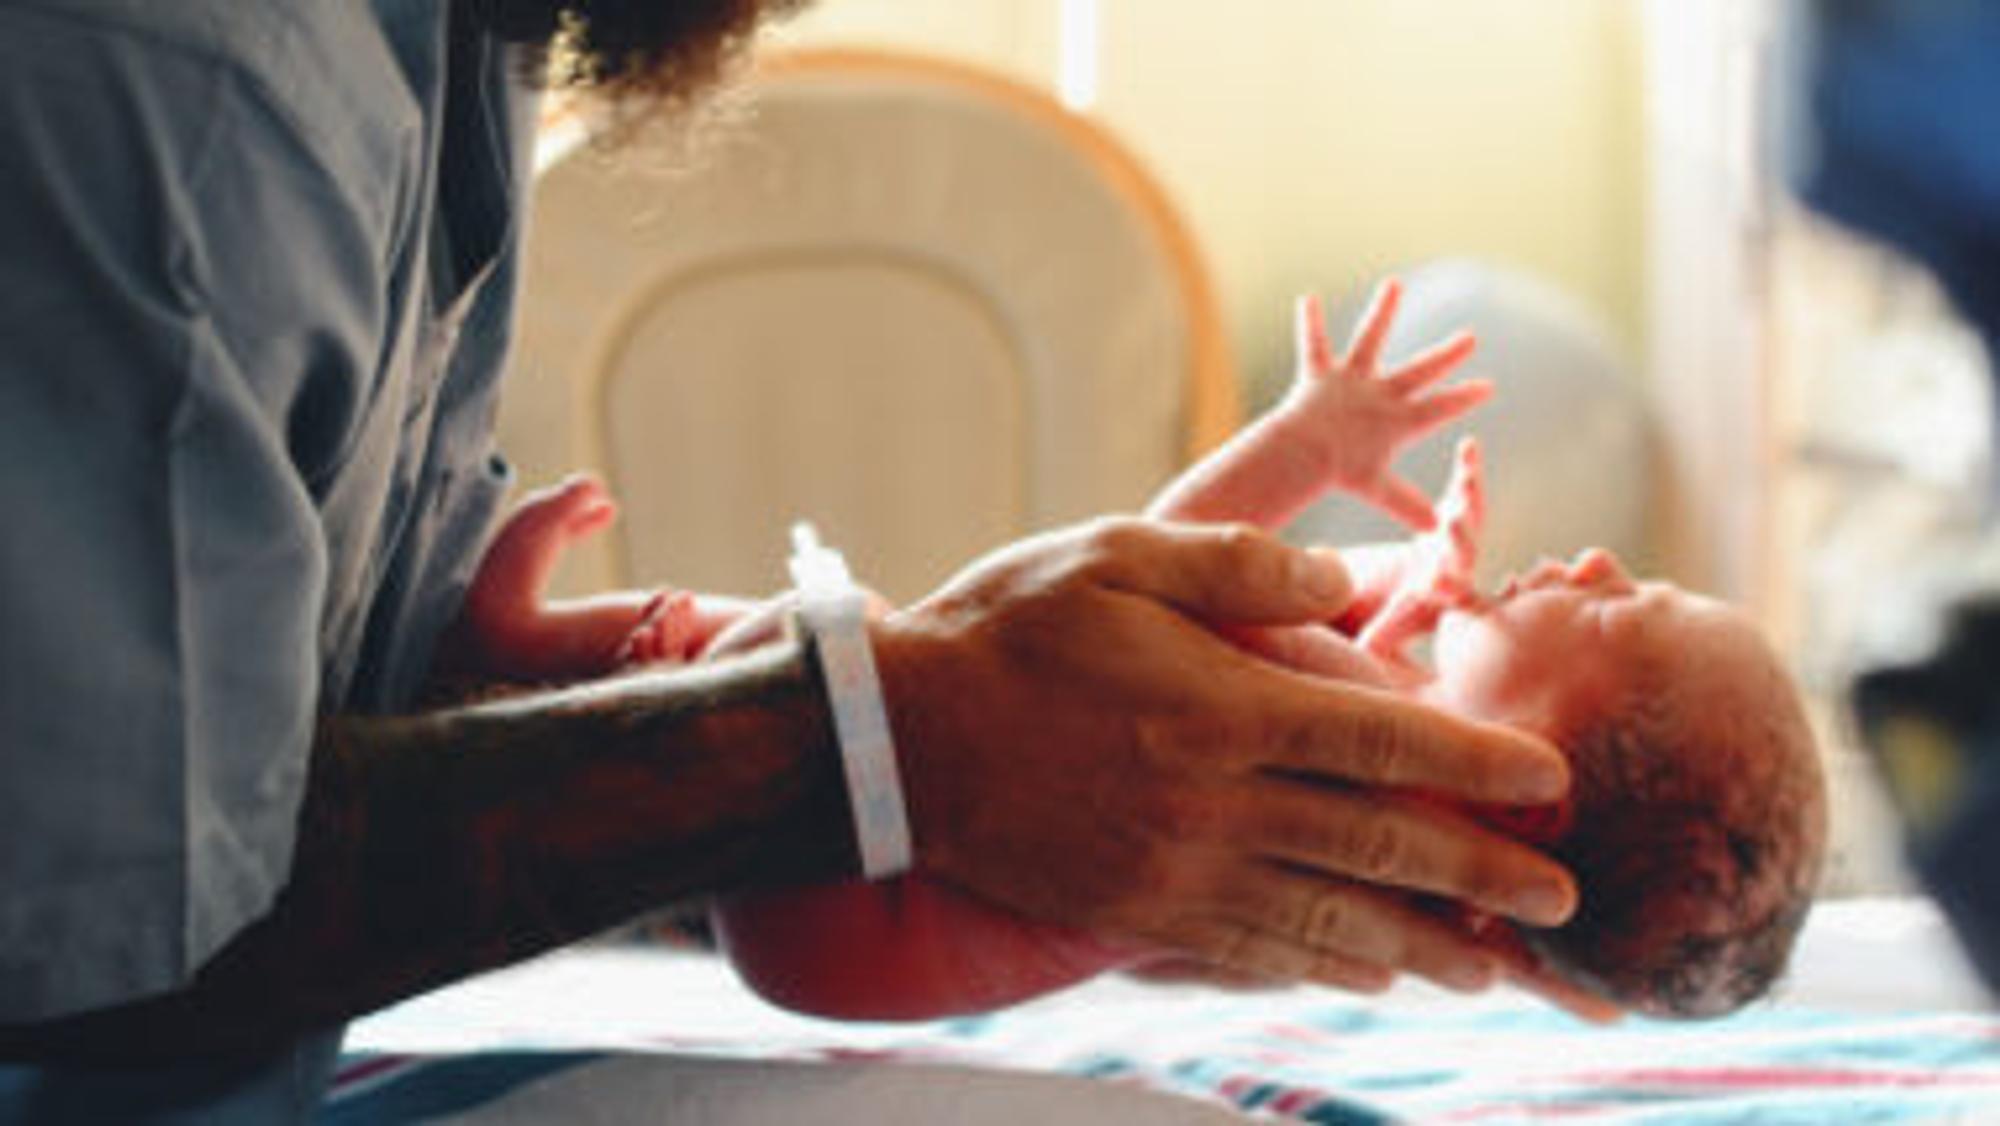 Bild eines Babys direkt nach der Geburt